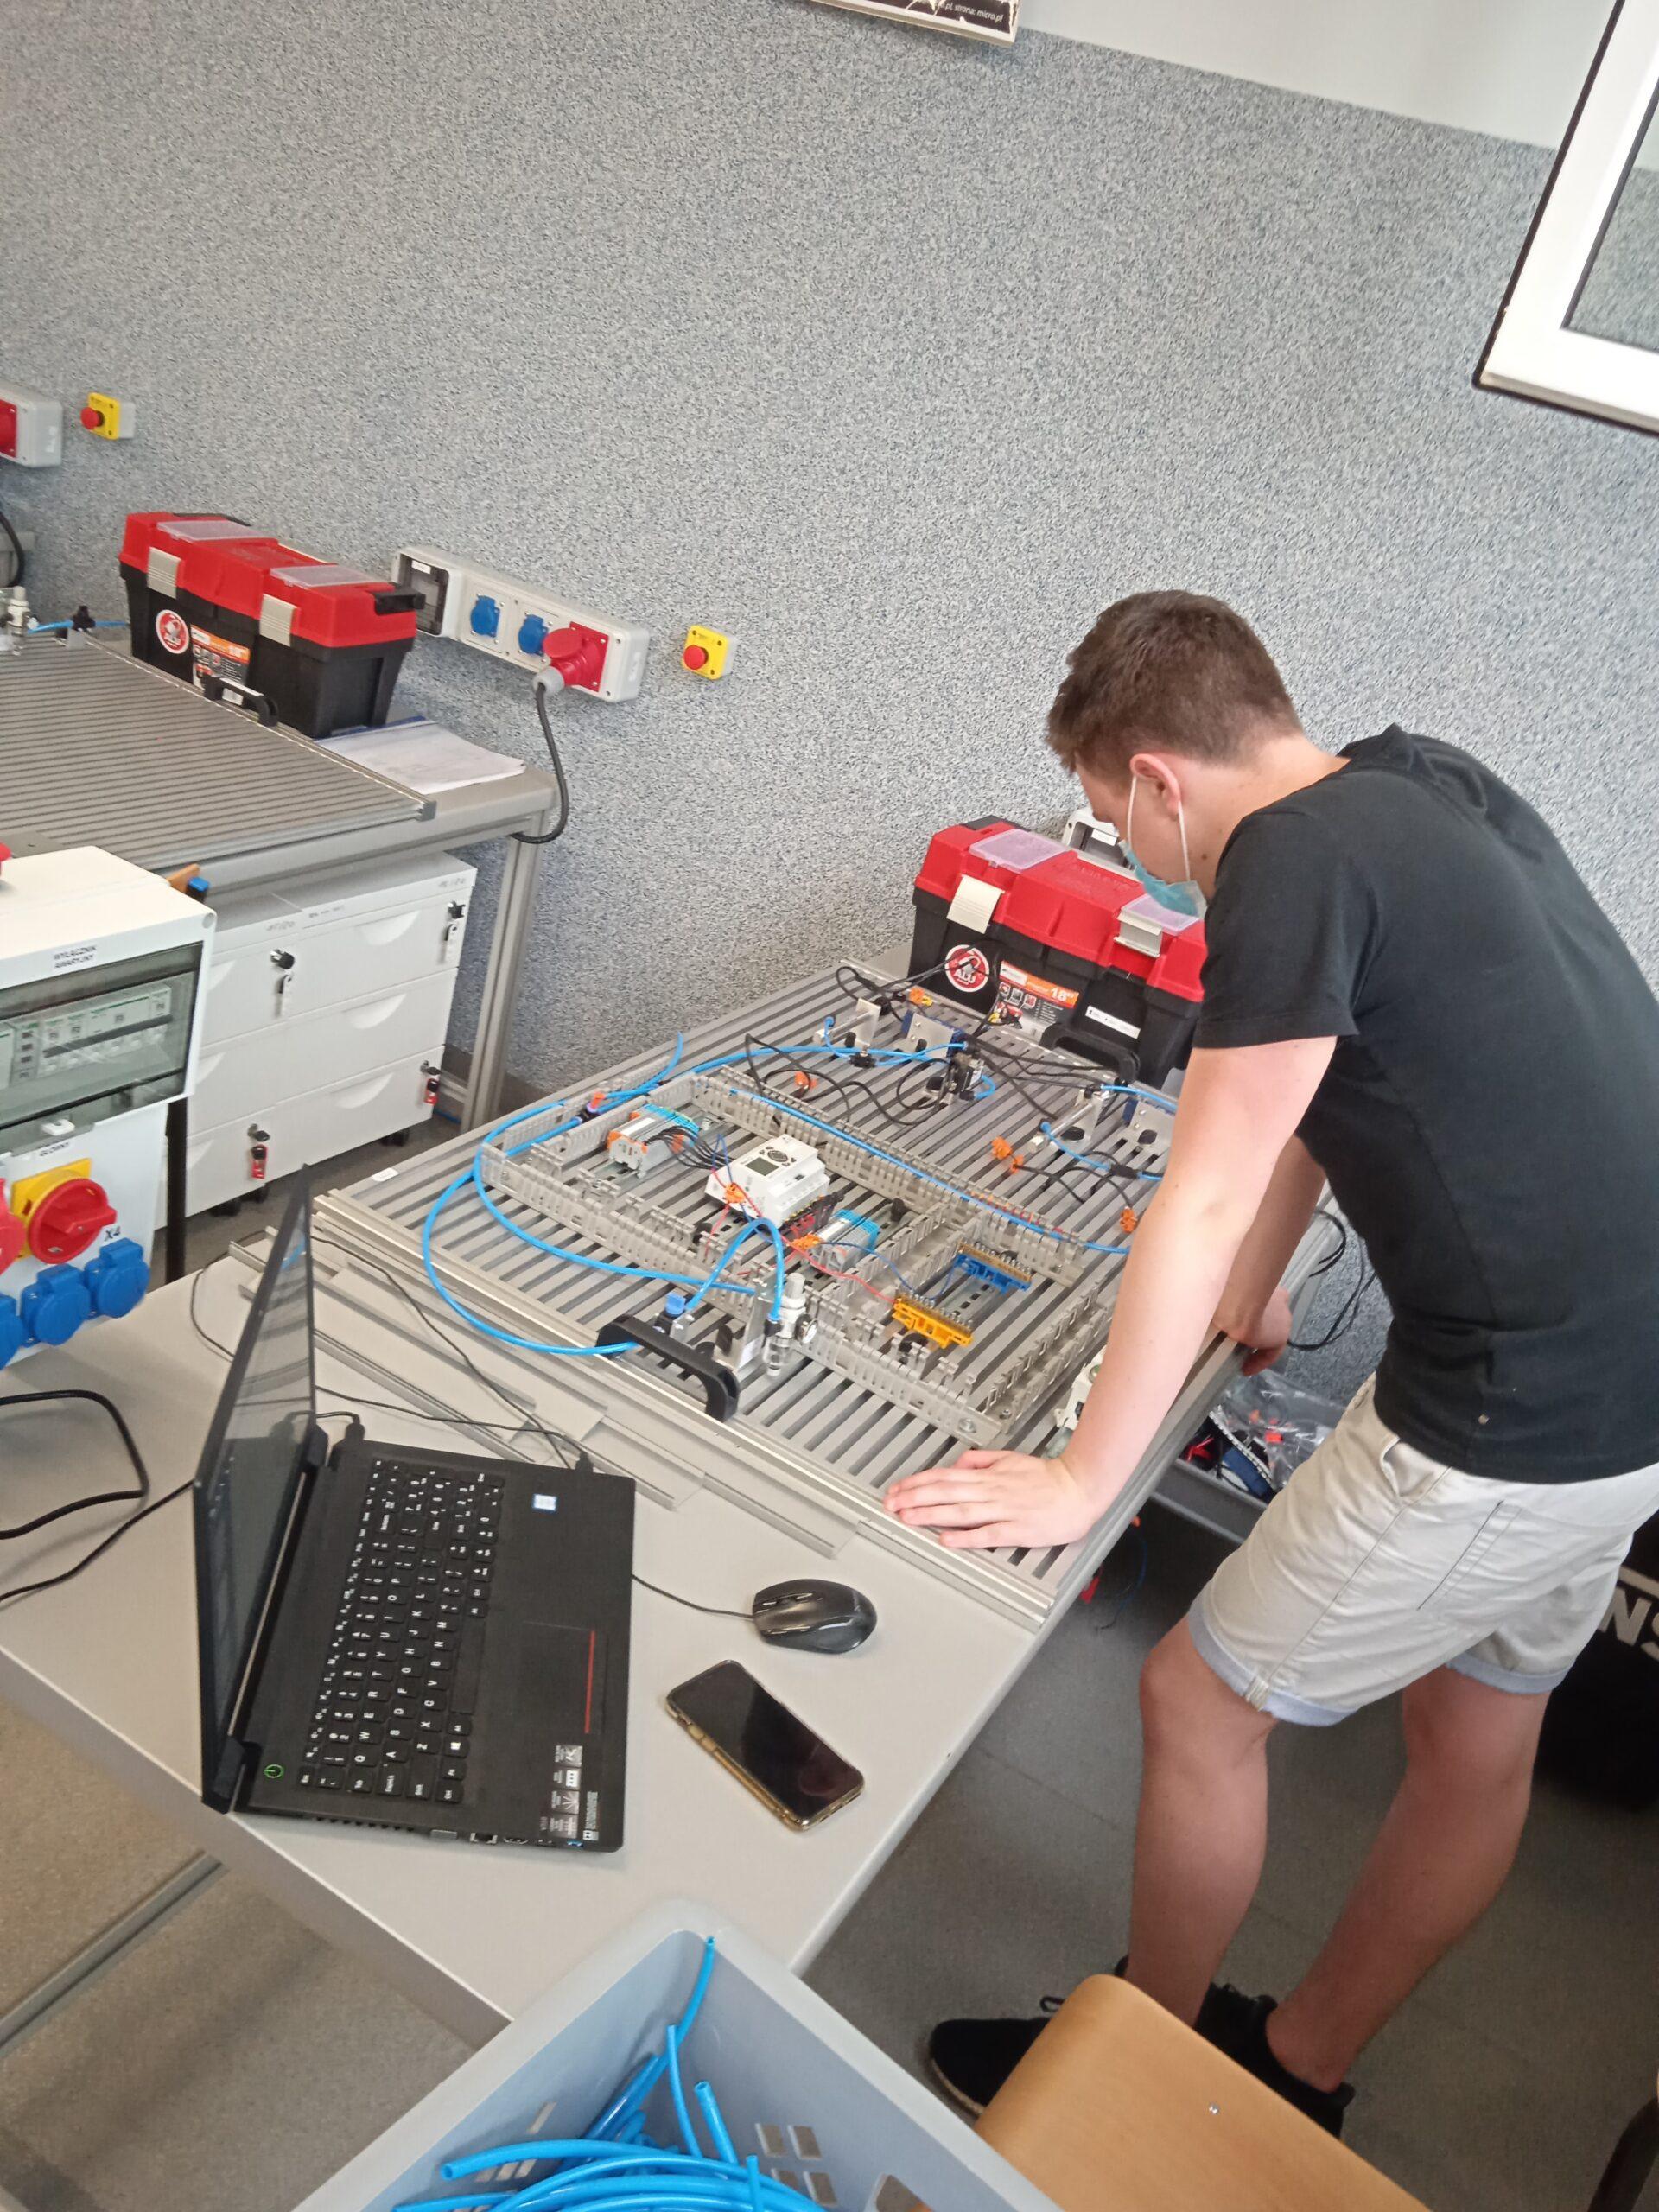 W trakcie projektowania, montażu i obserwacji działania układów mechatronicznych